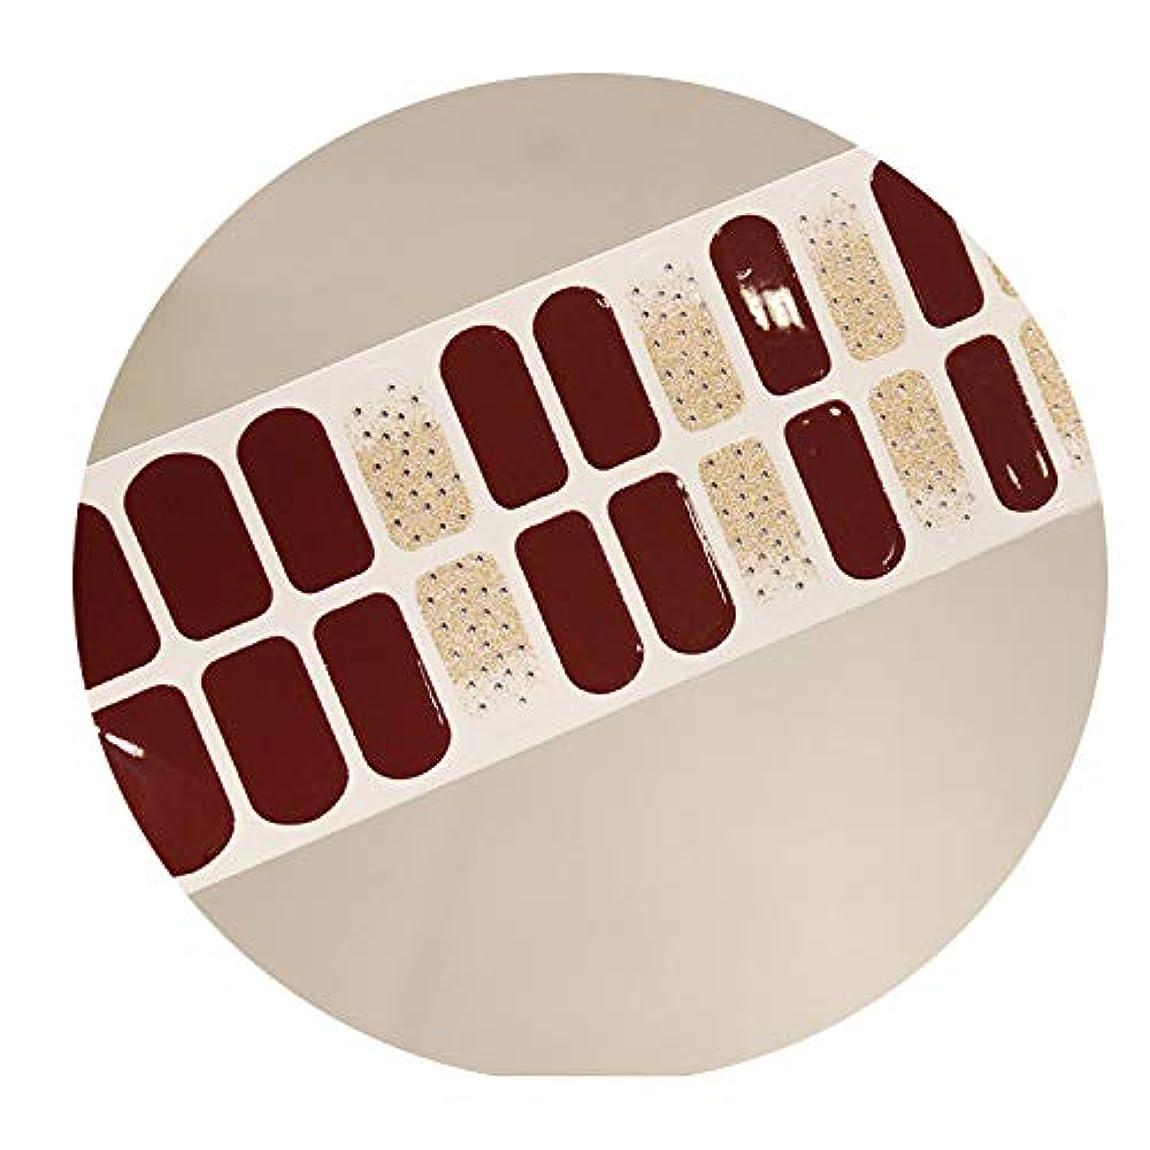 電気陽性かまどモスクDIY 3Dネイルステッカーフルカバーキラキラマーブル足指の爪ストリップ防水,SS034